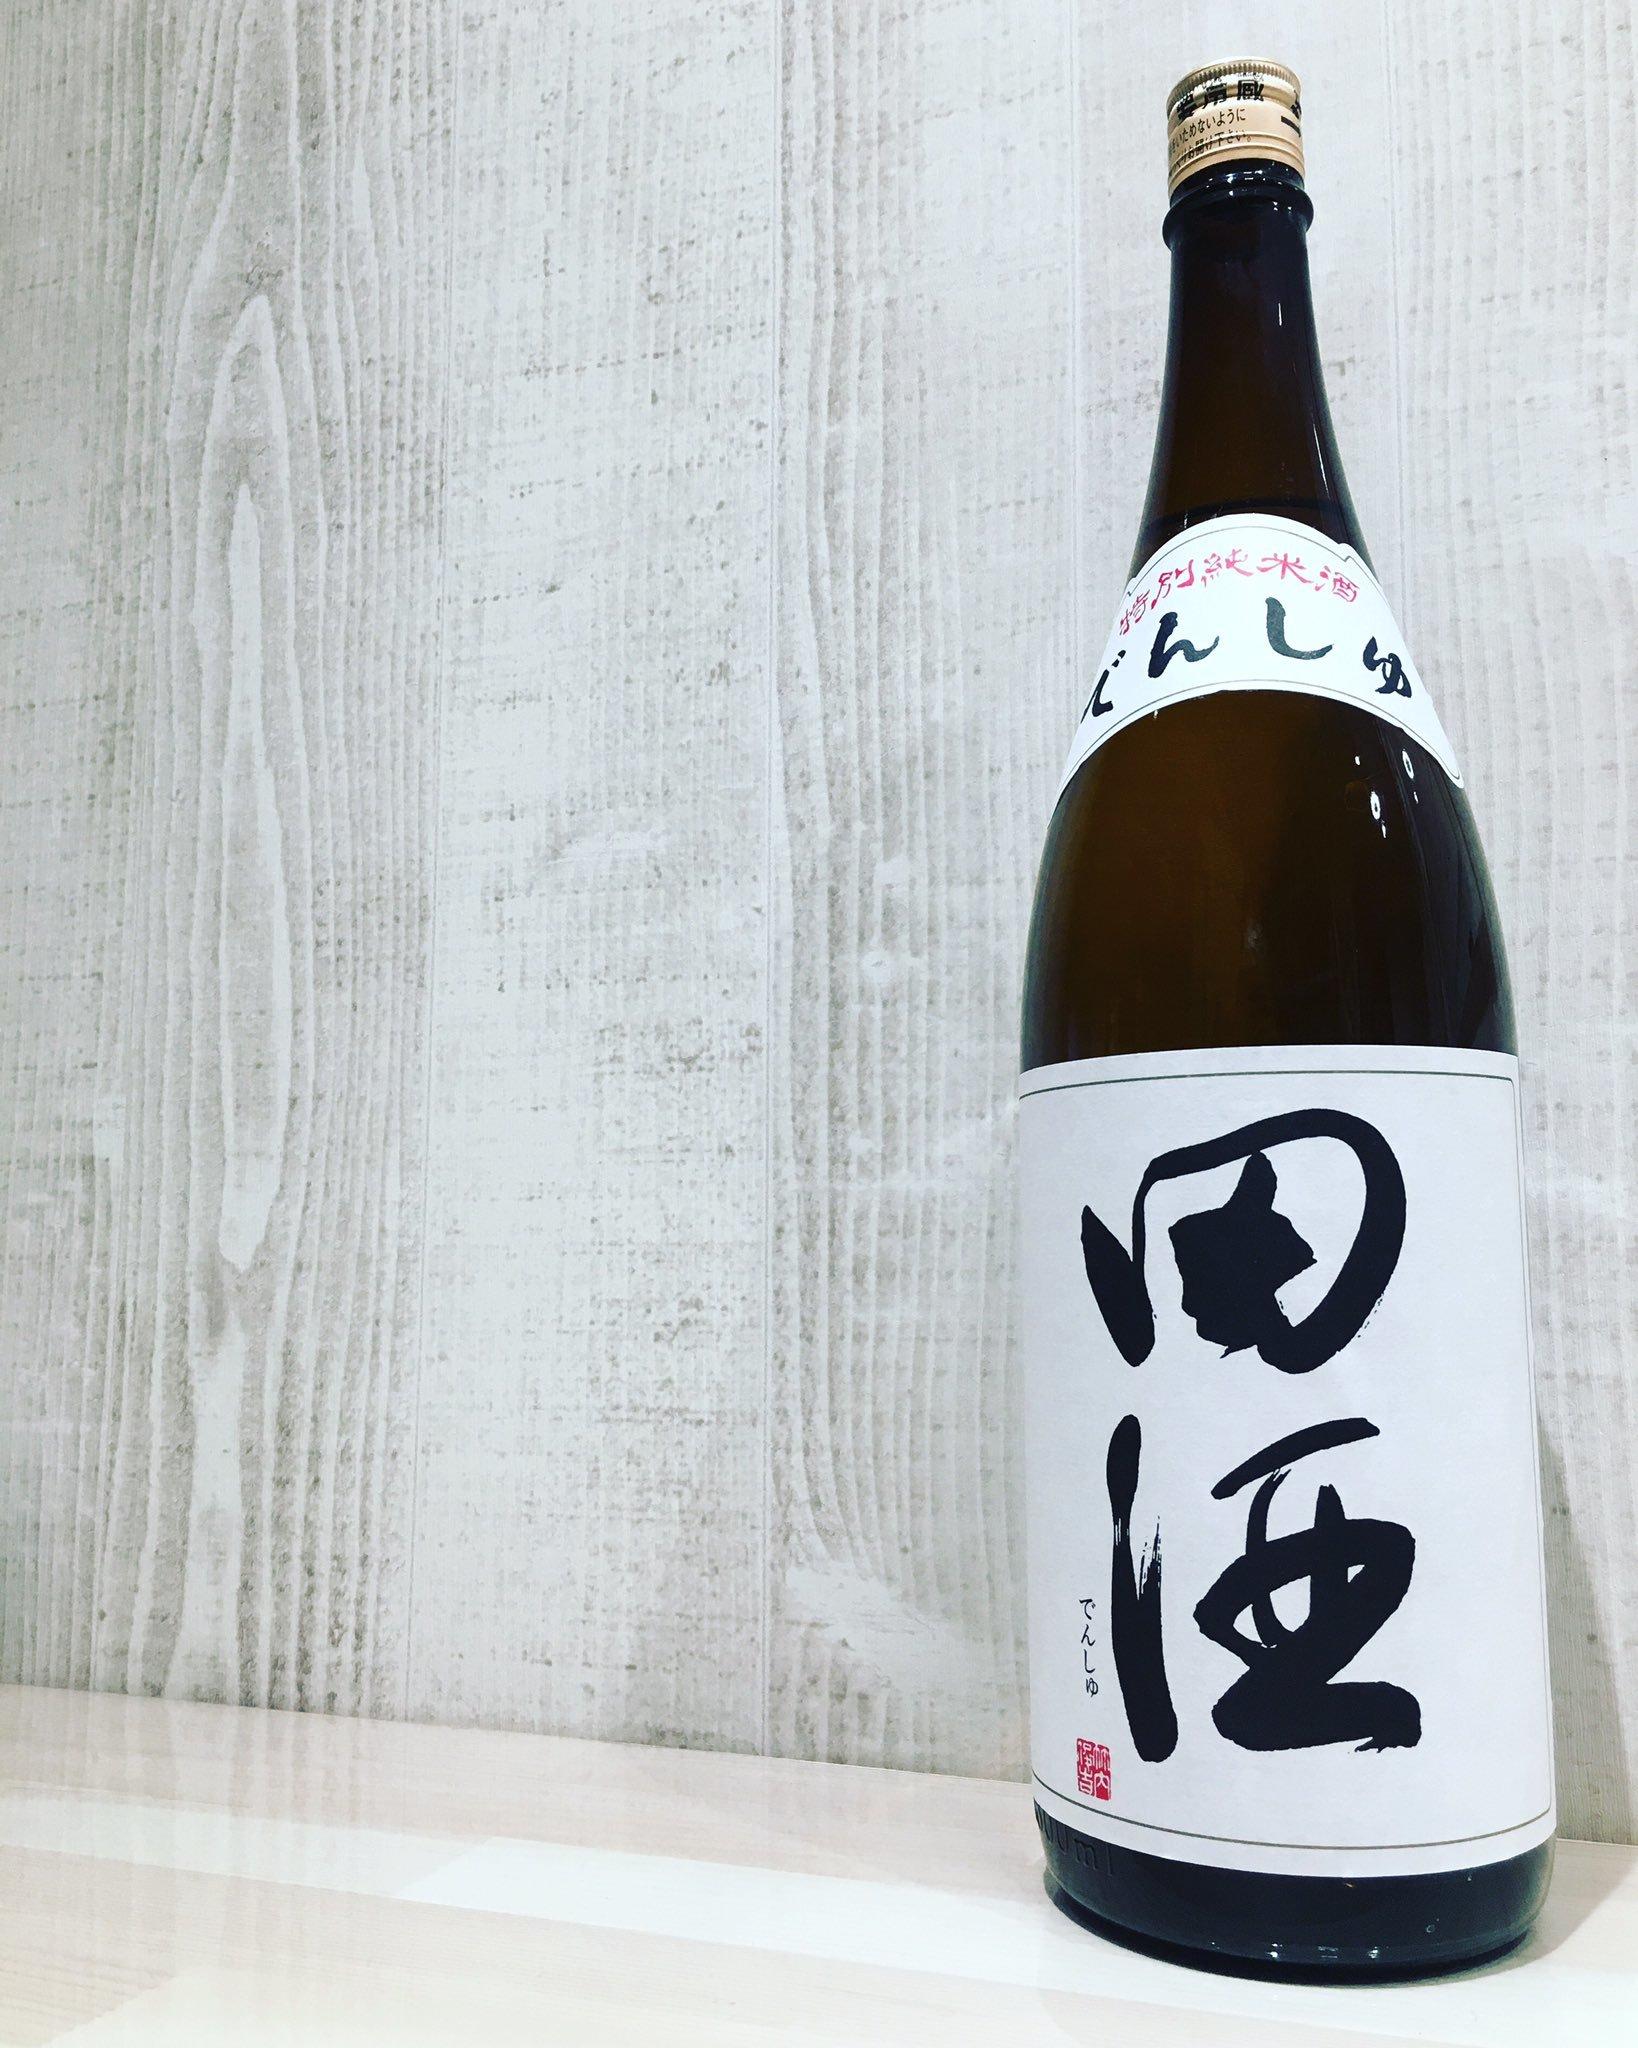 ピンク大那、3回目の入荷/田酒特別純米、年内ヤバいかも/やっぱり旨い会津娘片門/先行発売のスパークリング日本酒の状況_d0367608_16010504.jpg